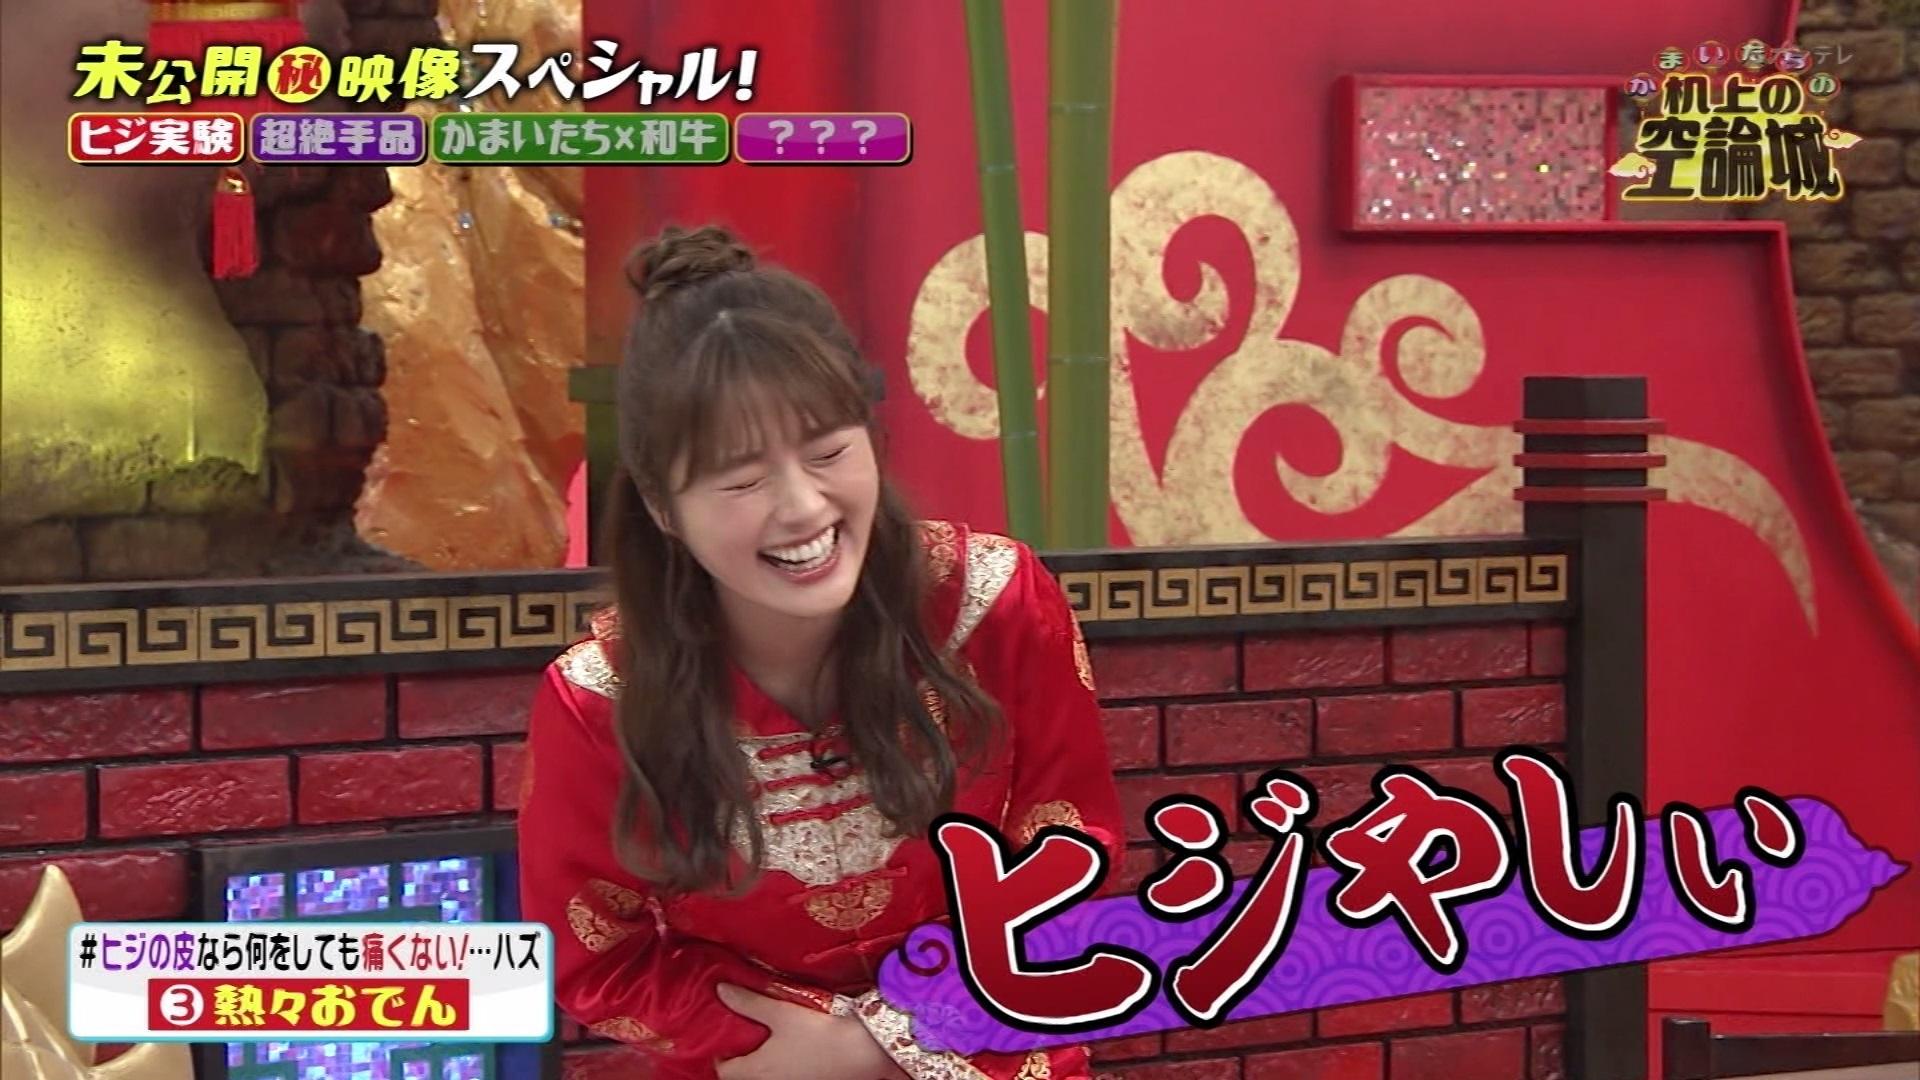 【渋谷凪咲/安田桃寧】6月12日に放送された「かまいたちの机上の空論城」♯10の画像